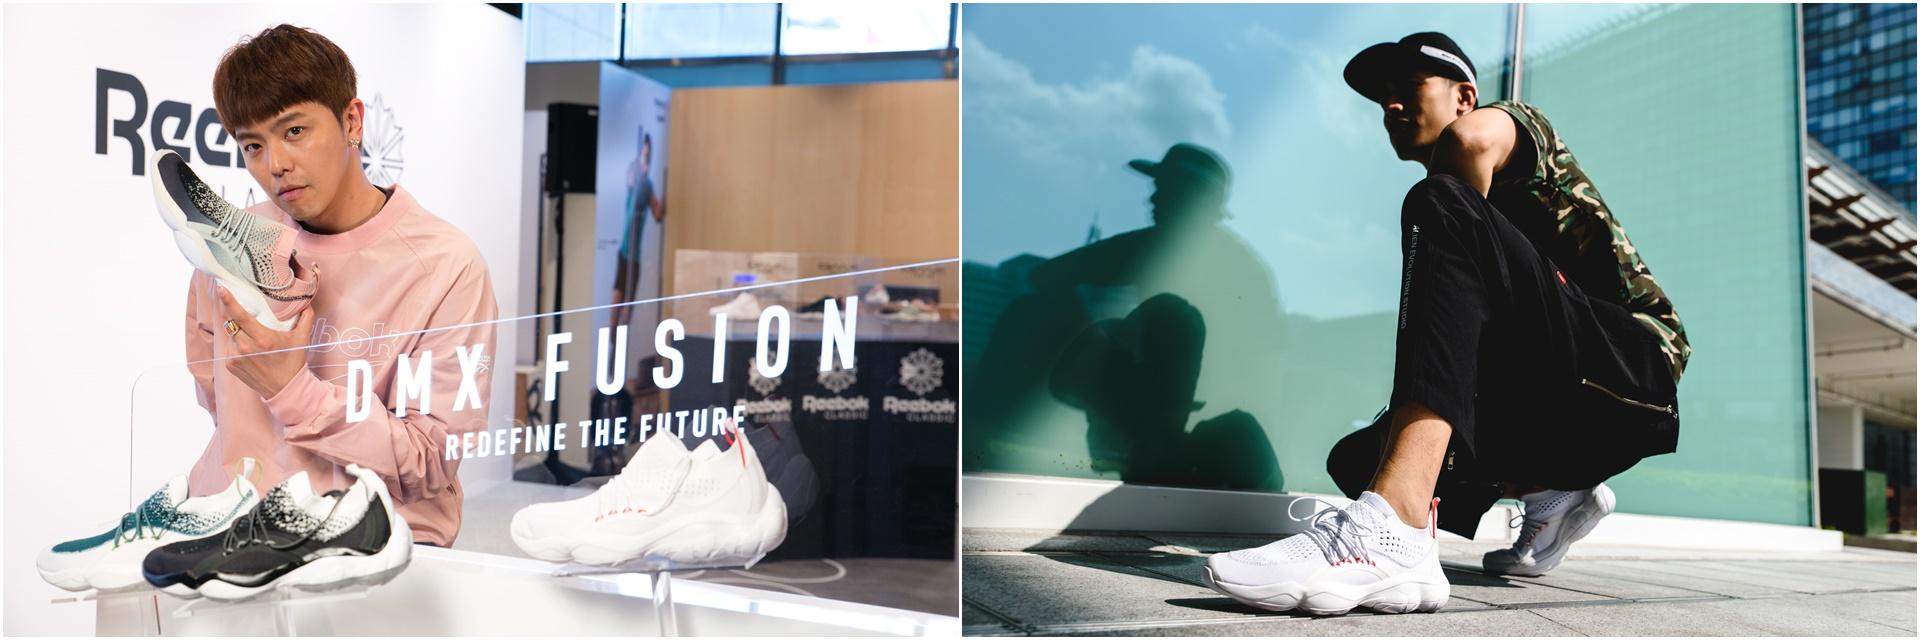 潮流教主小鬼勾起前衛潮魂!話題 DMX 科技再進化,Reebok DMX Fusion 全面降臨!